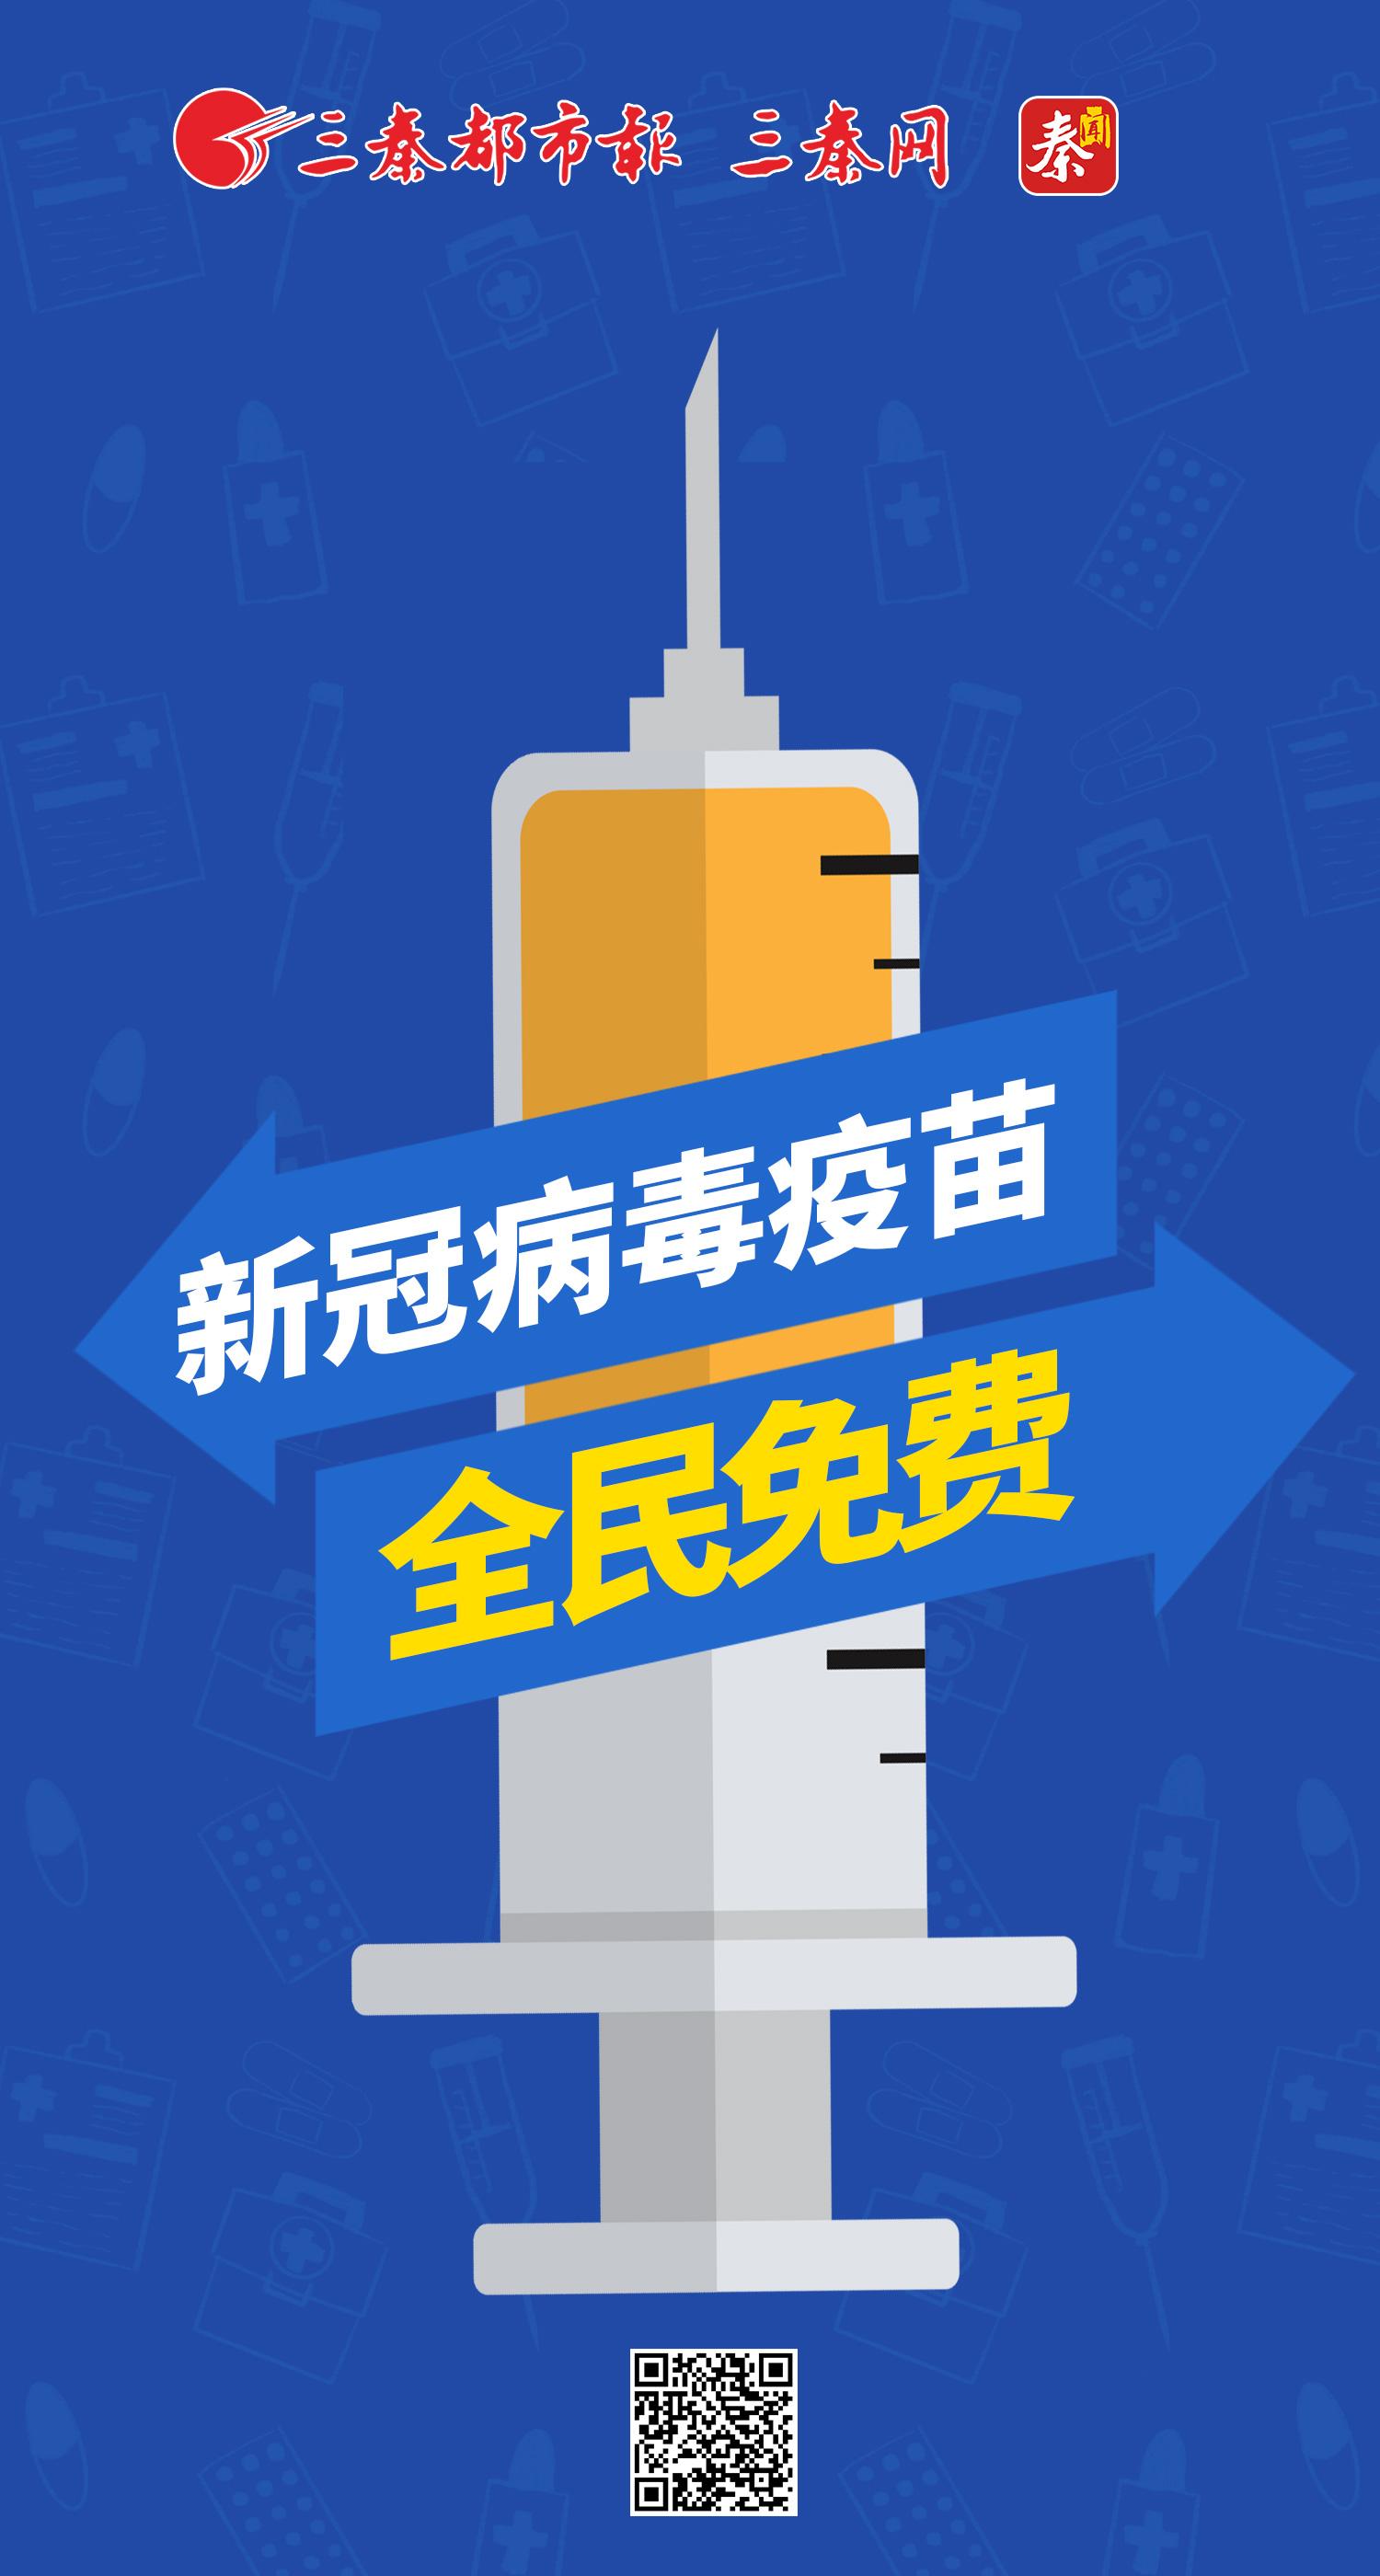 新冠病毒疫苗全民免费